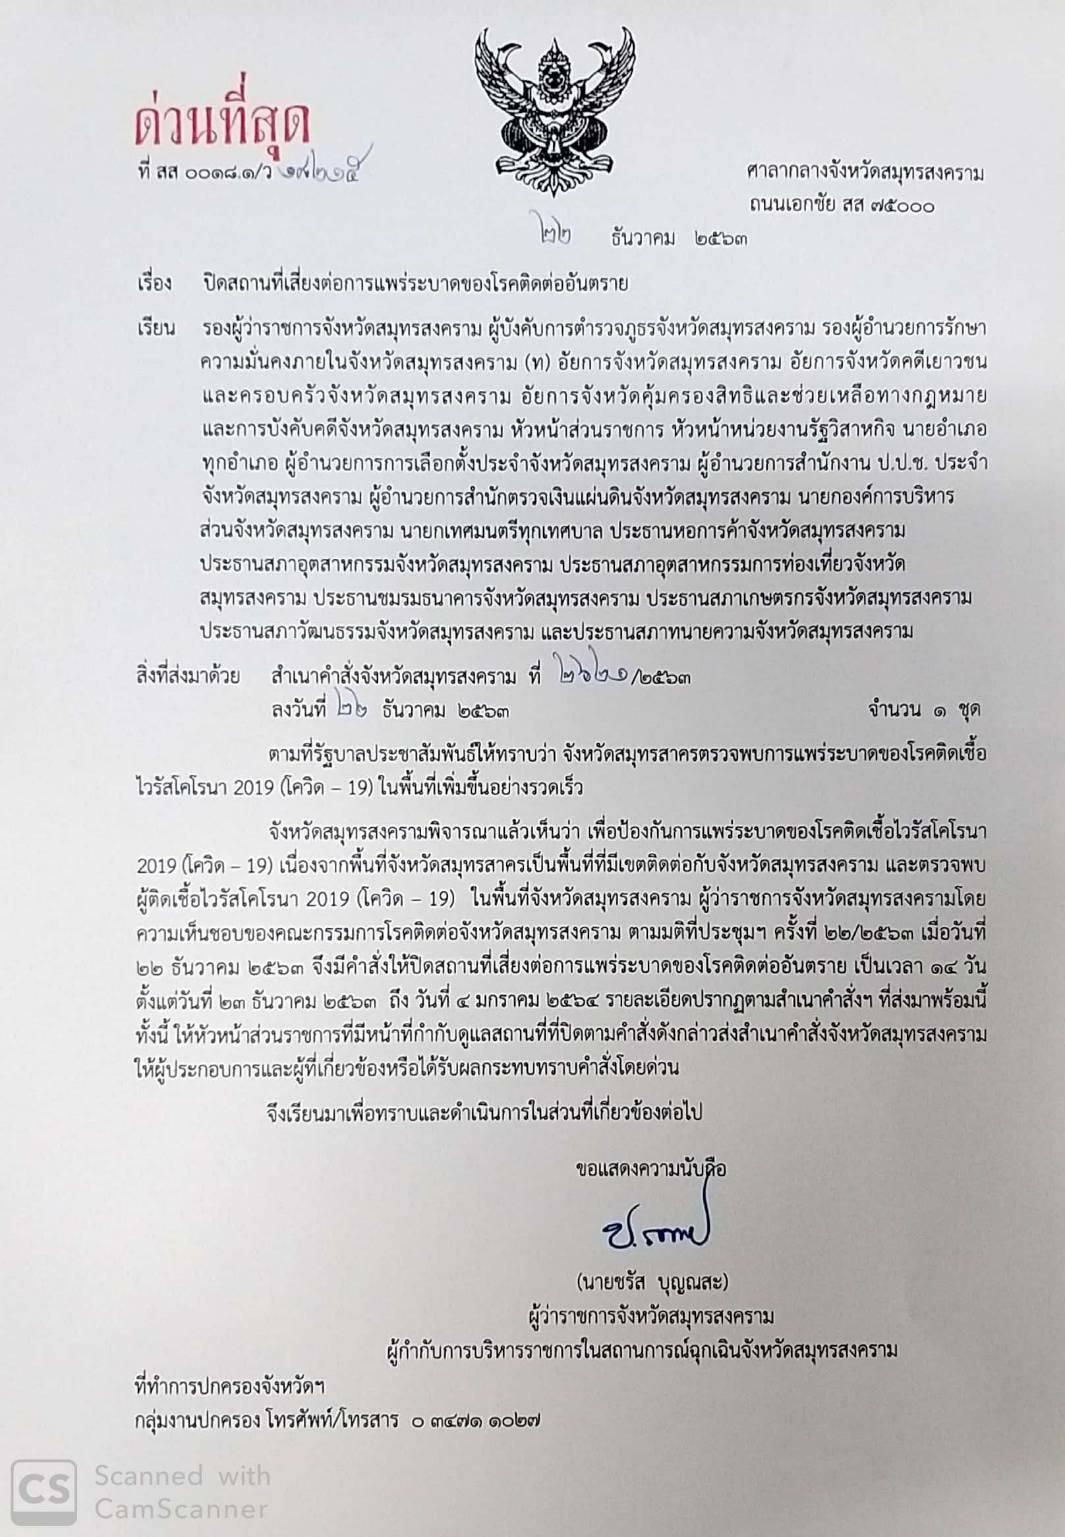 ผู้ว่าราชการจังหวัดสมุทรสงคราม ลงนามประกาศ ปิดสถานที่เสี่ยงต่อการแพร่ระบาดของโรคติดต่ออันตราย 1608645225